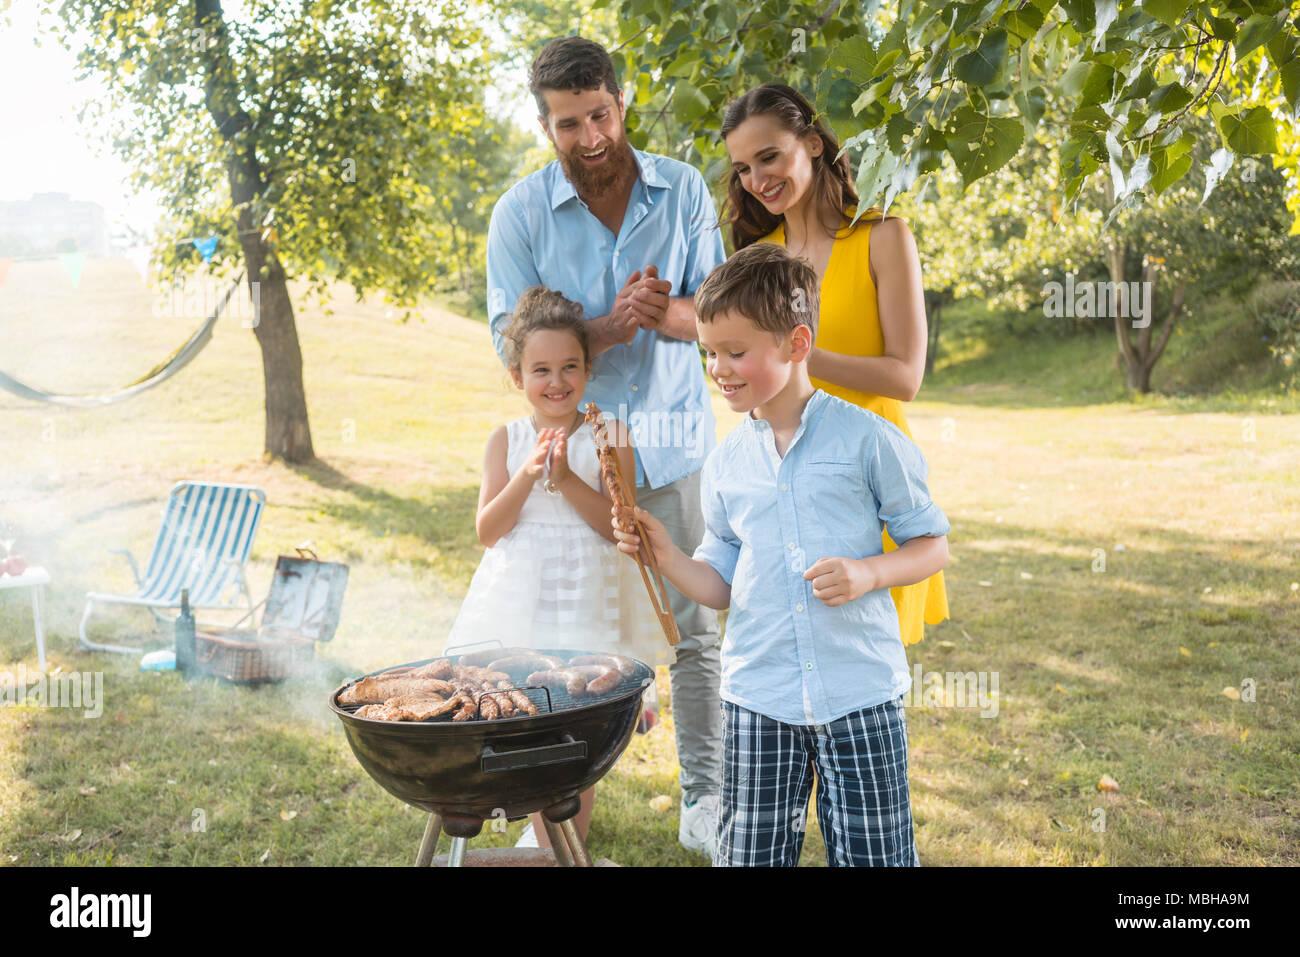 Portrait de famille heureuse avec deux enfants à l'extérieur près du barbecue Photo Stock